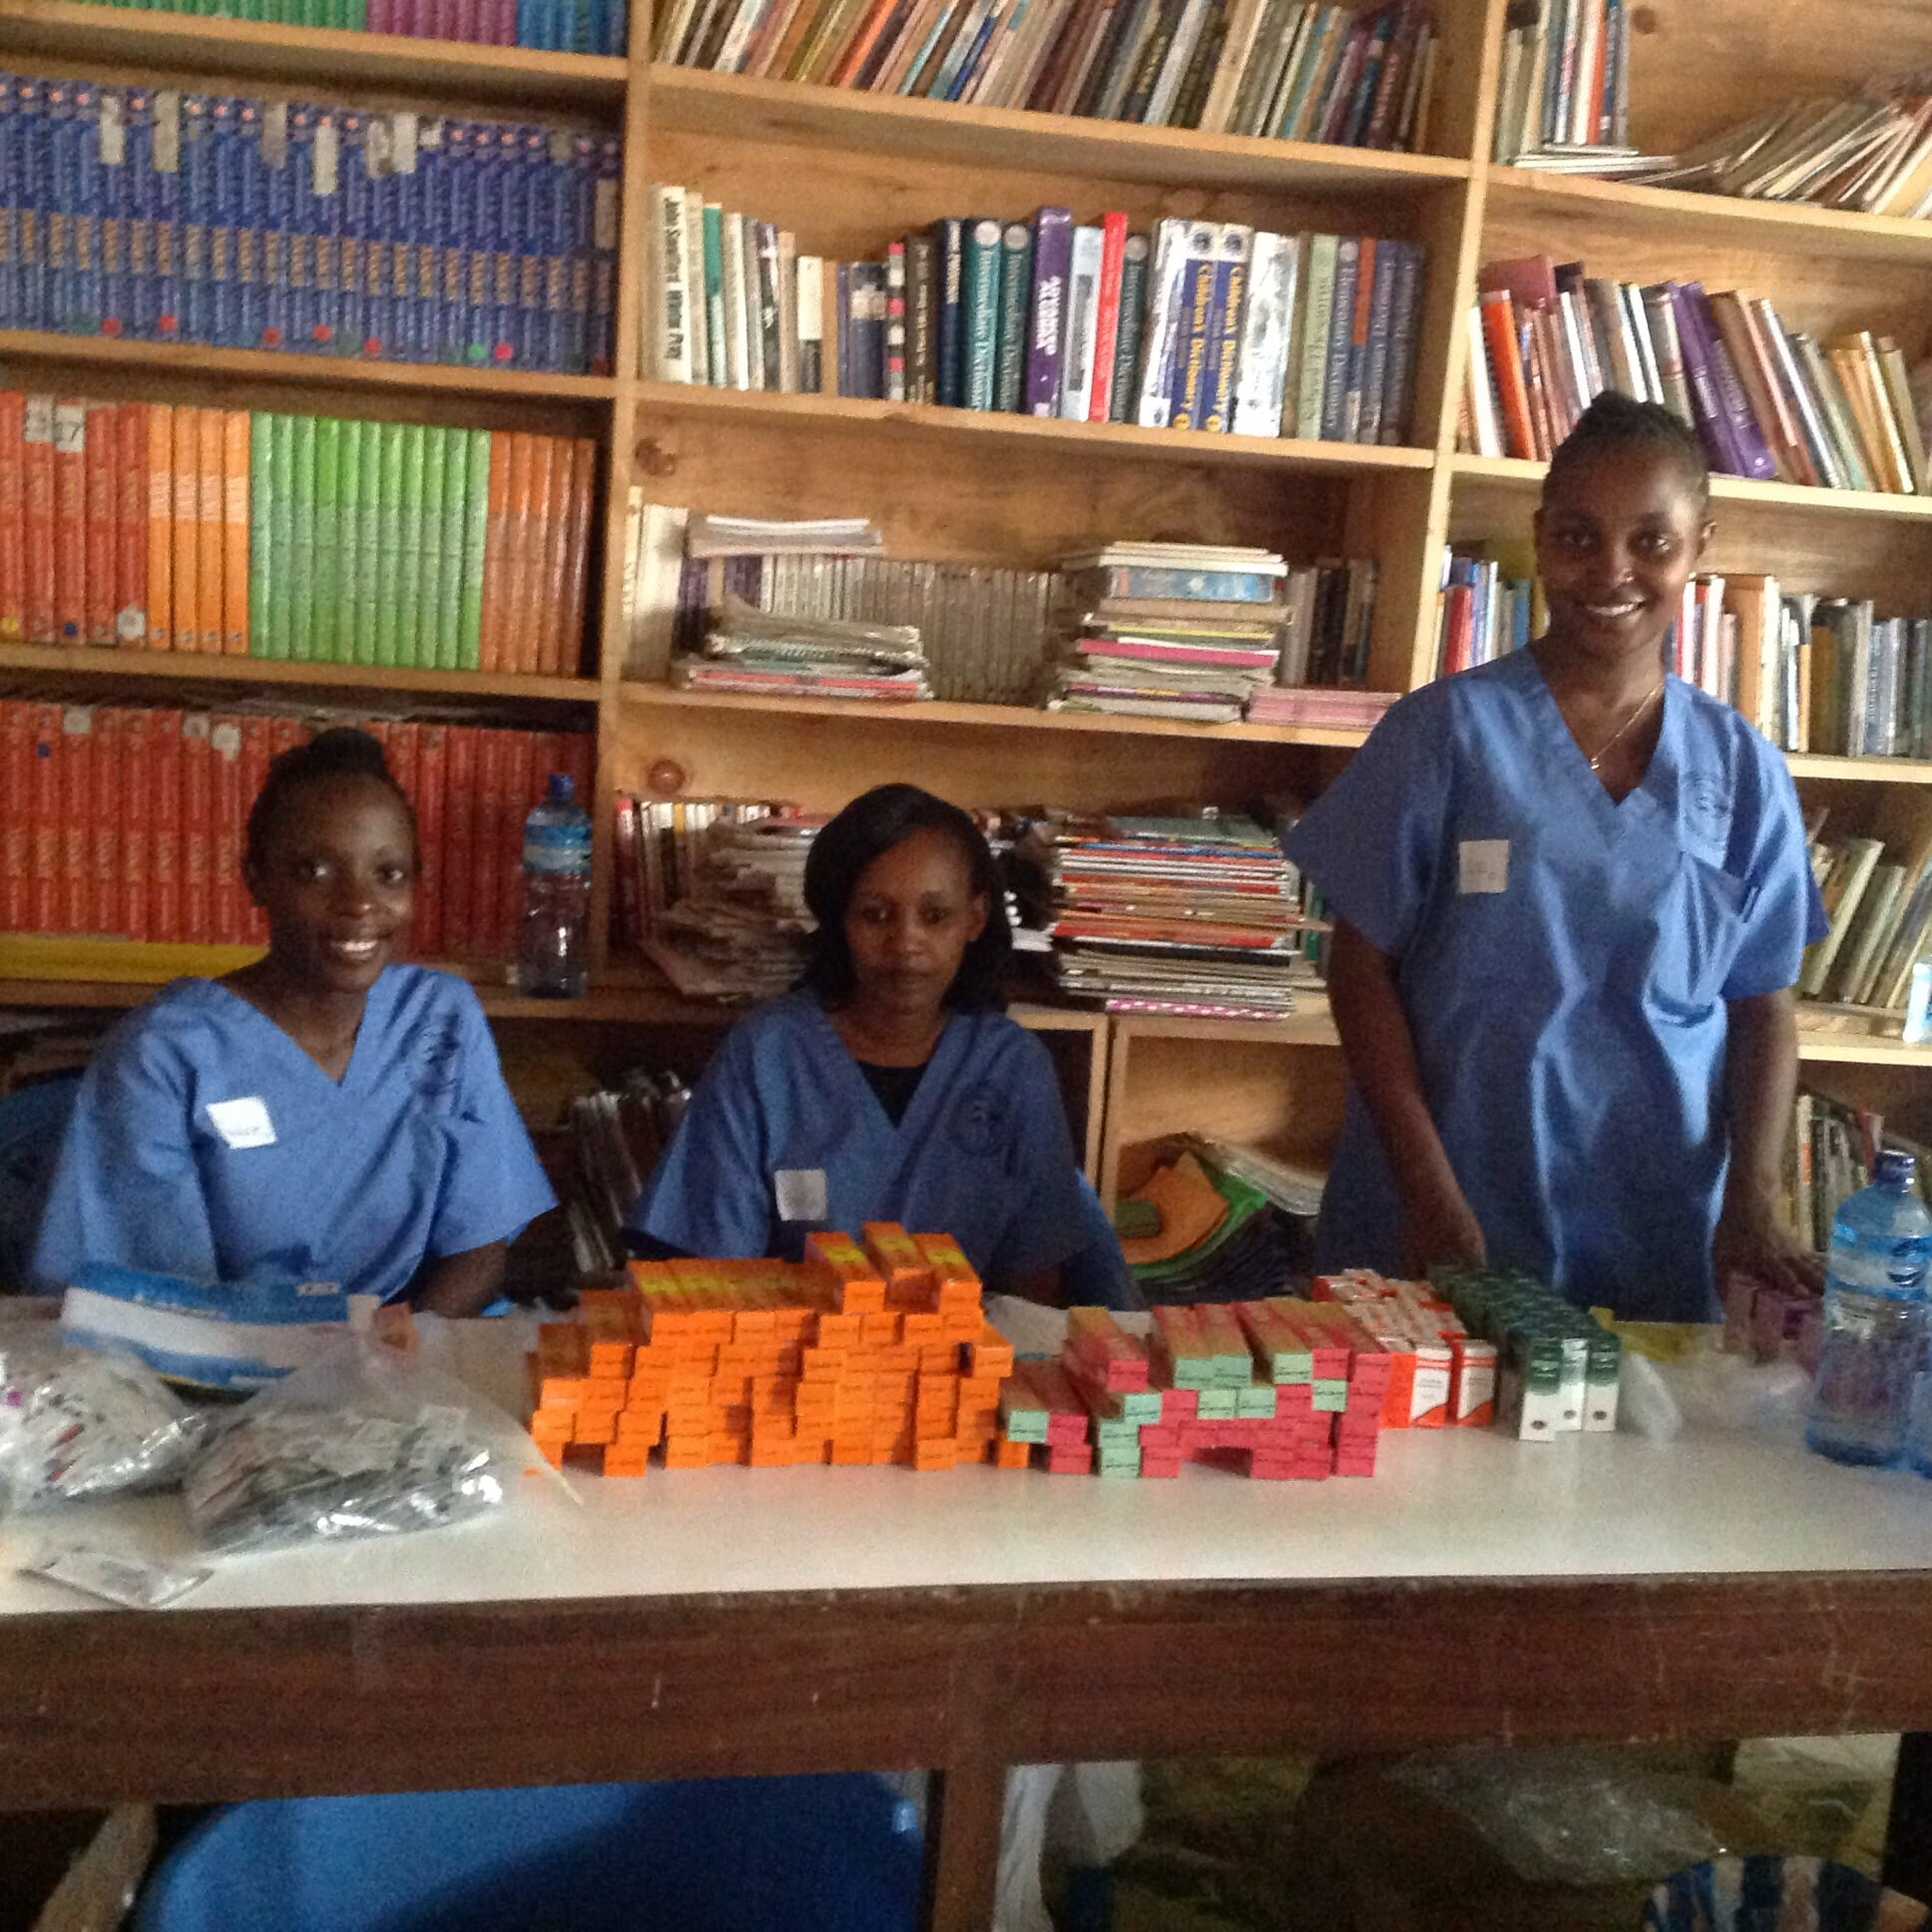 Our wonderful pharmacy techs